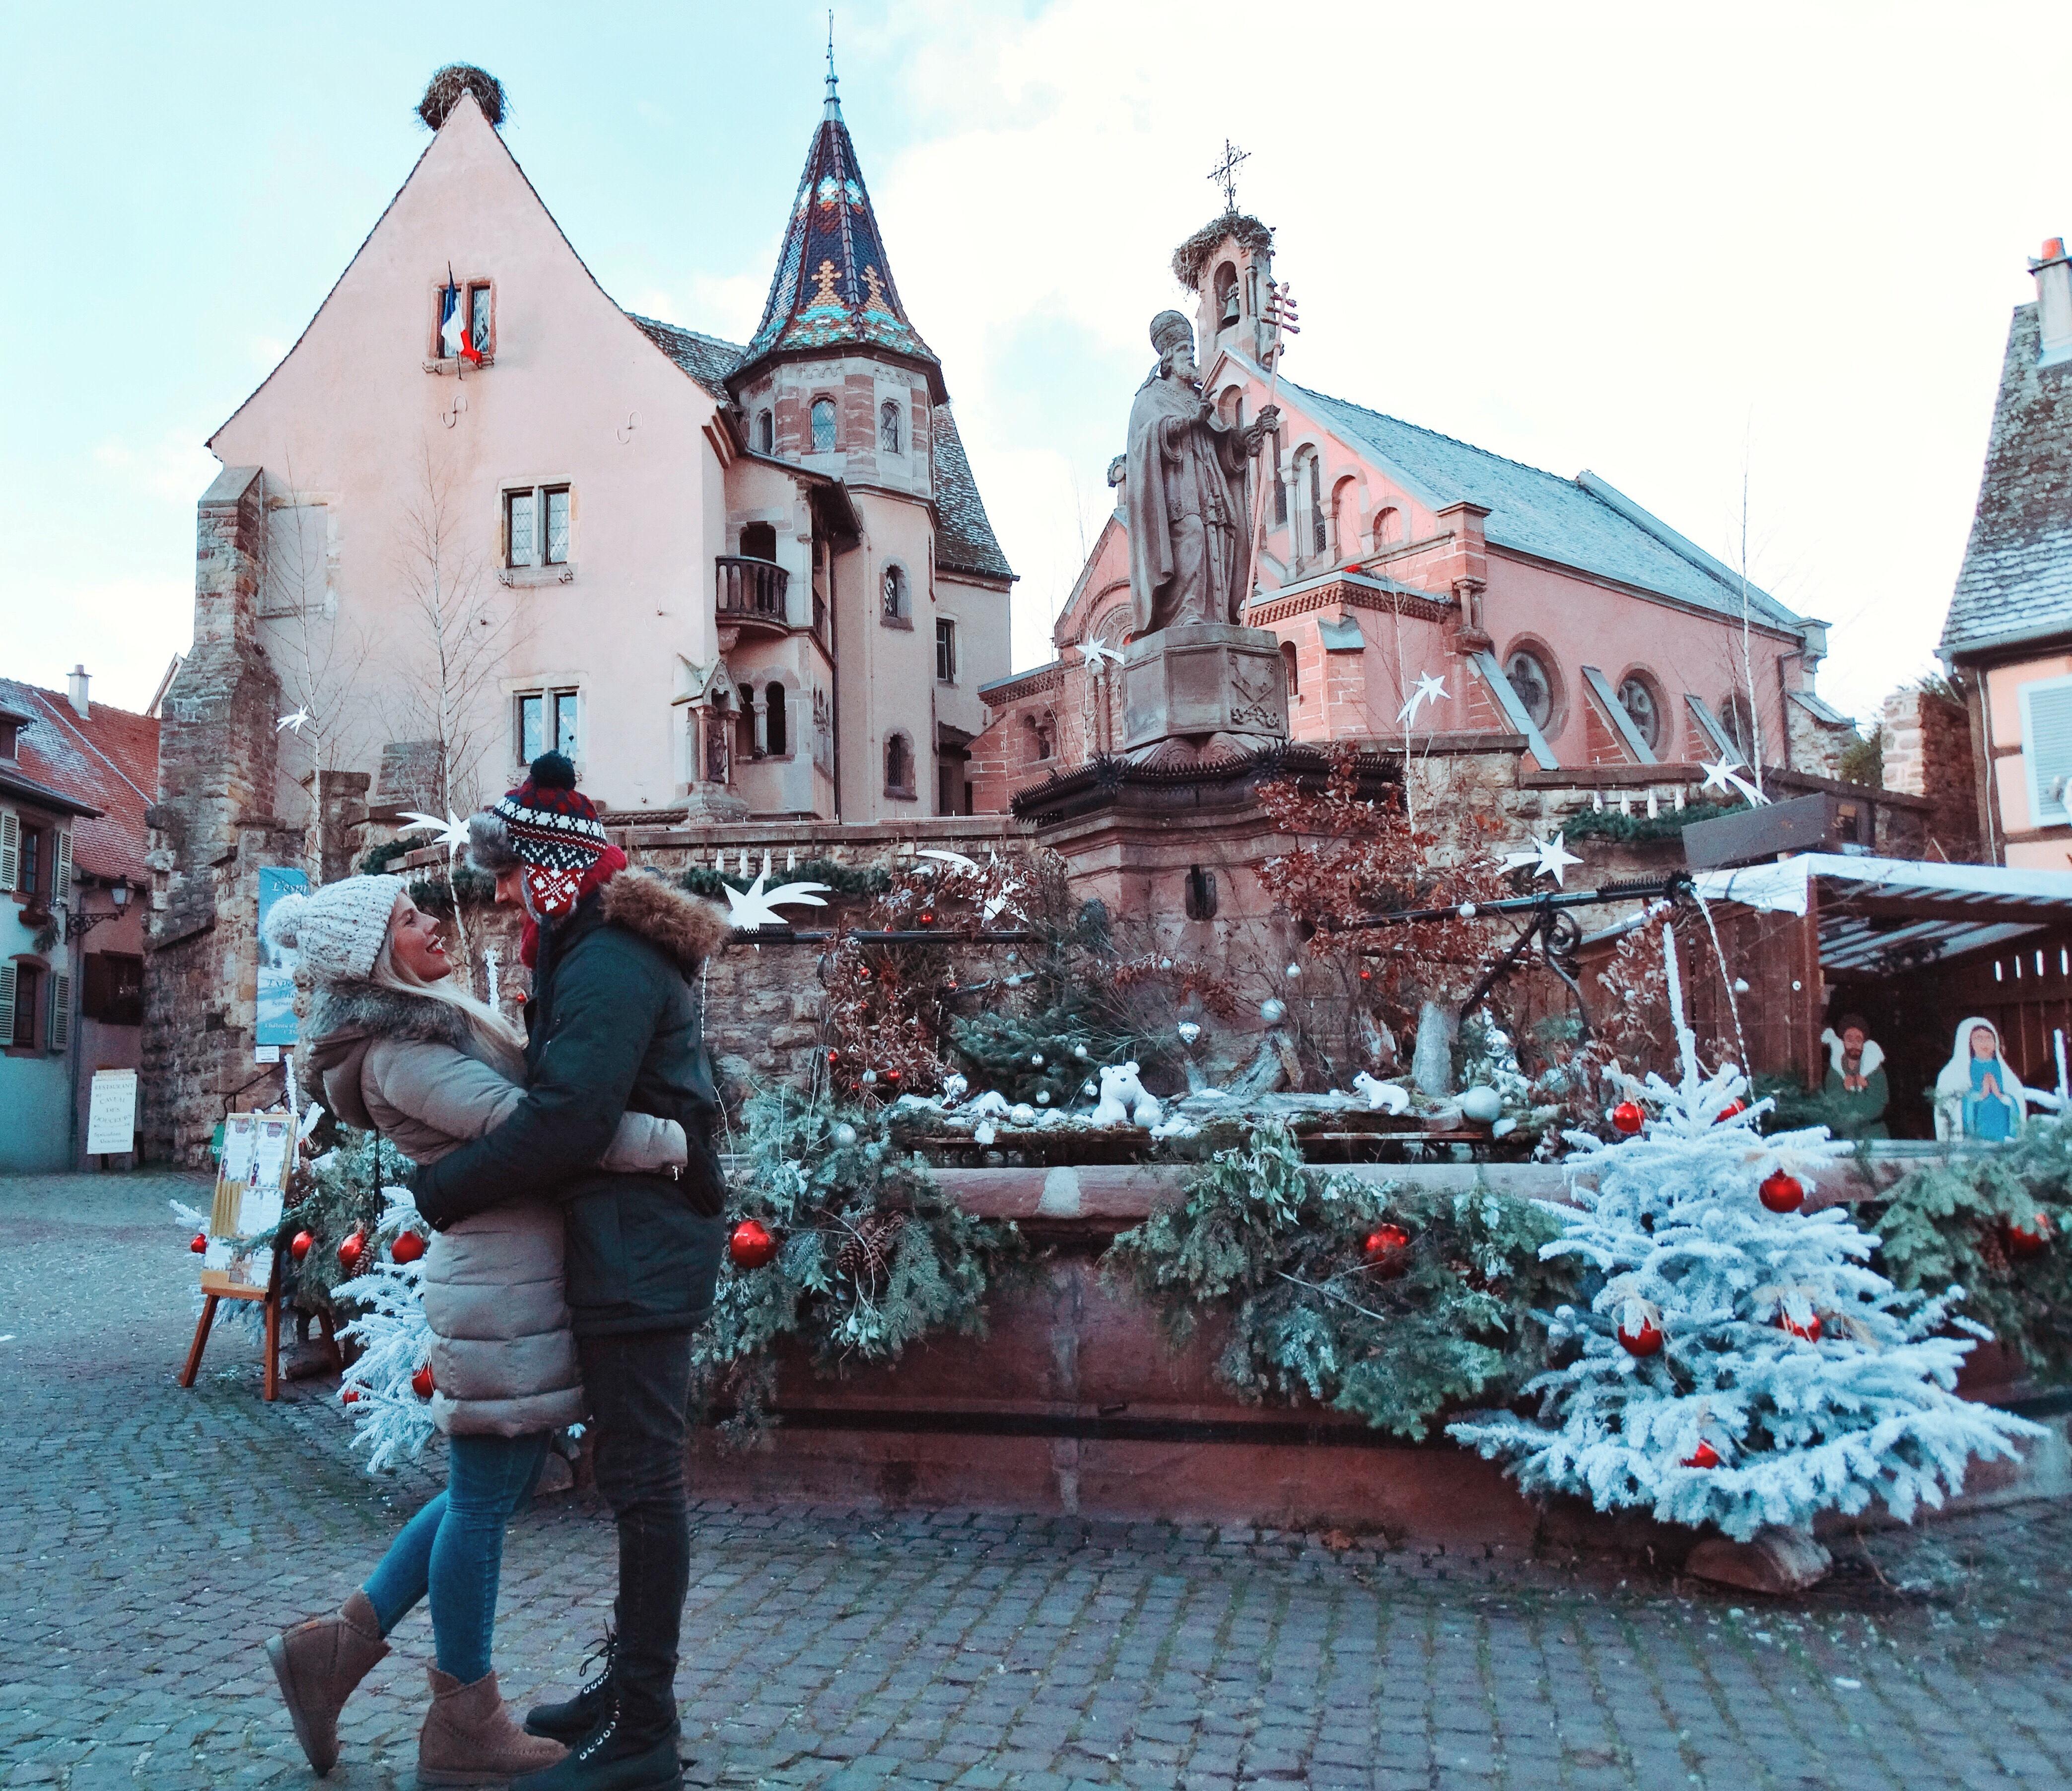 Nuestra ruta Navideña por Alsacia